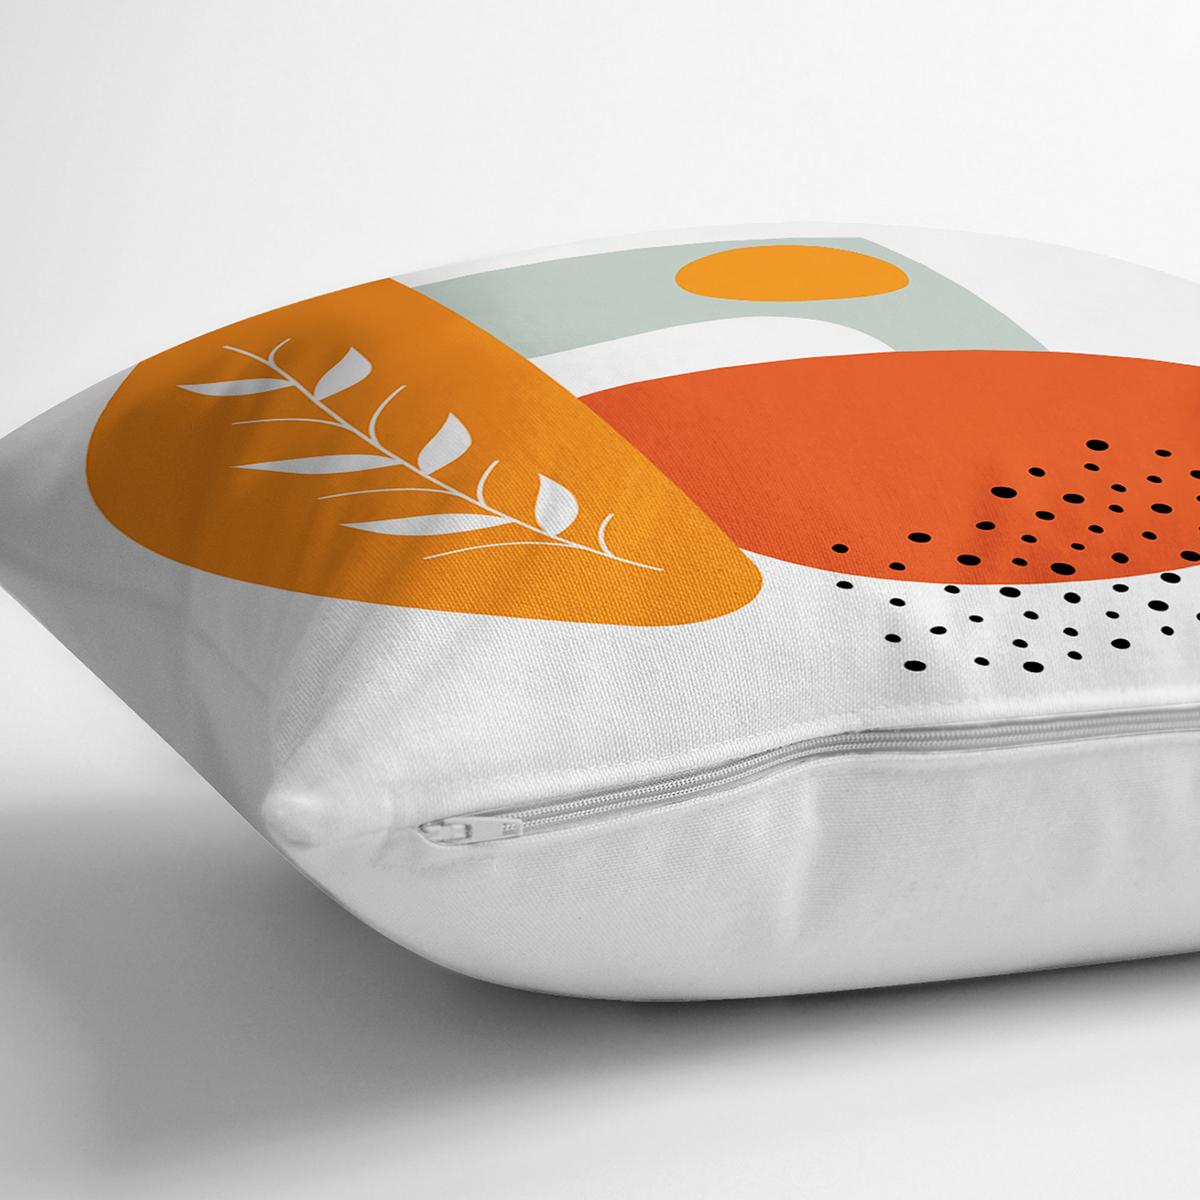 Beyaz Zemin Üzerinde Onedraw Çizim Dijital Baskılı Modern Yastık Kırlent Kılıfı Realhomes